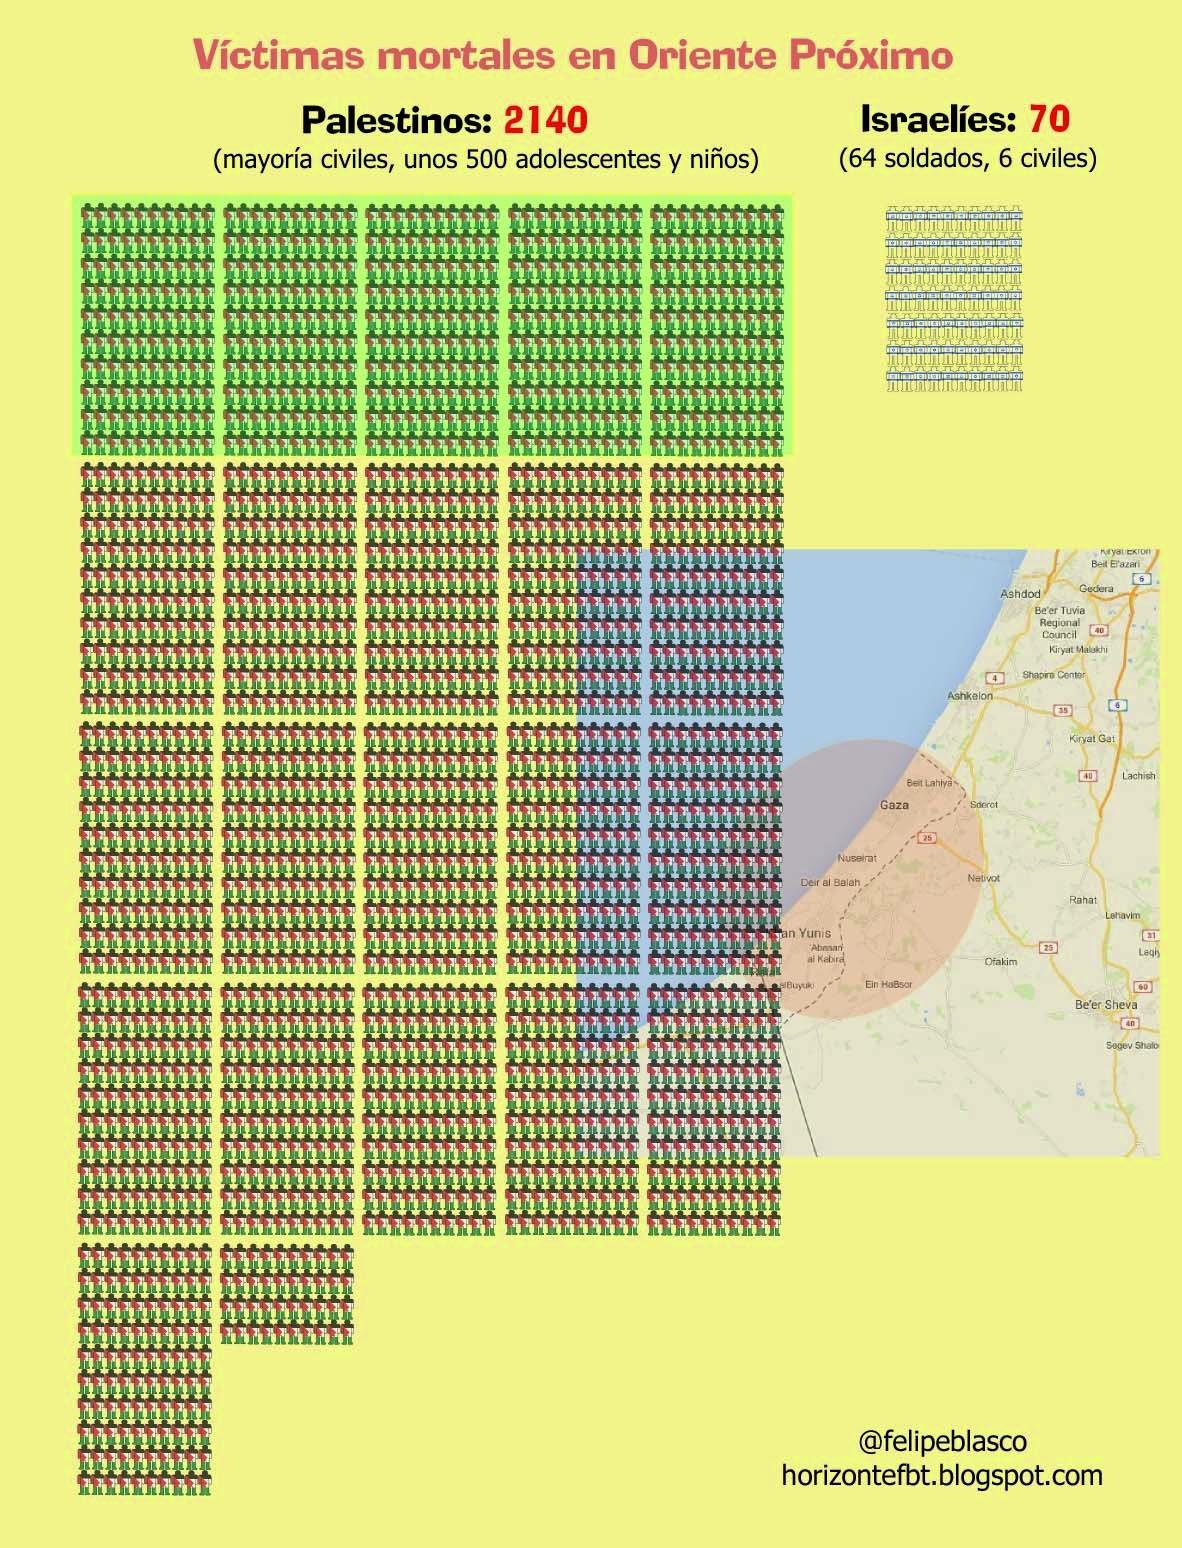 Balance víctimas mortales del conflicto en Gaza